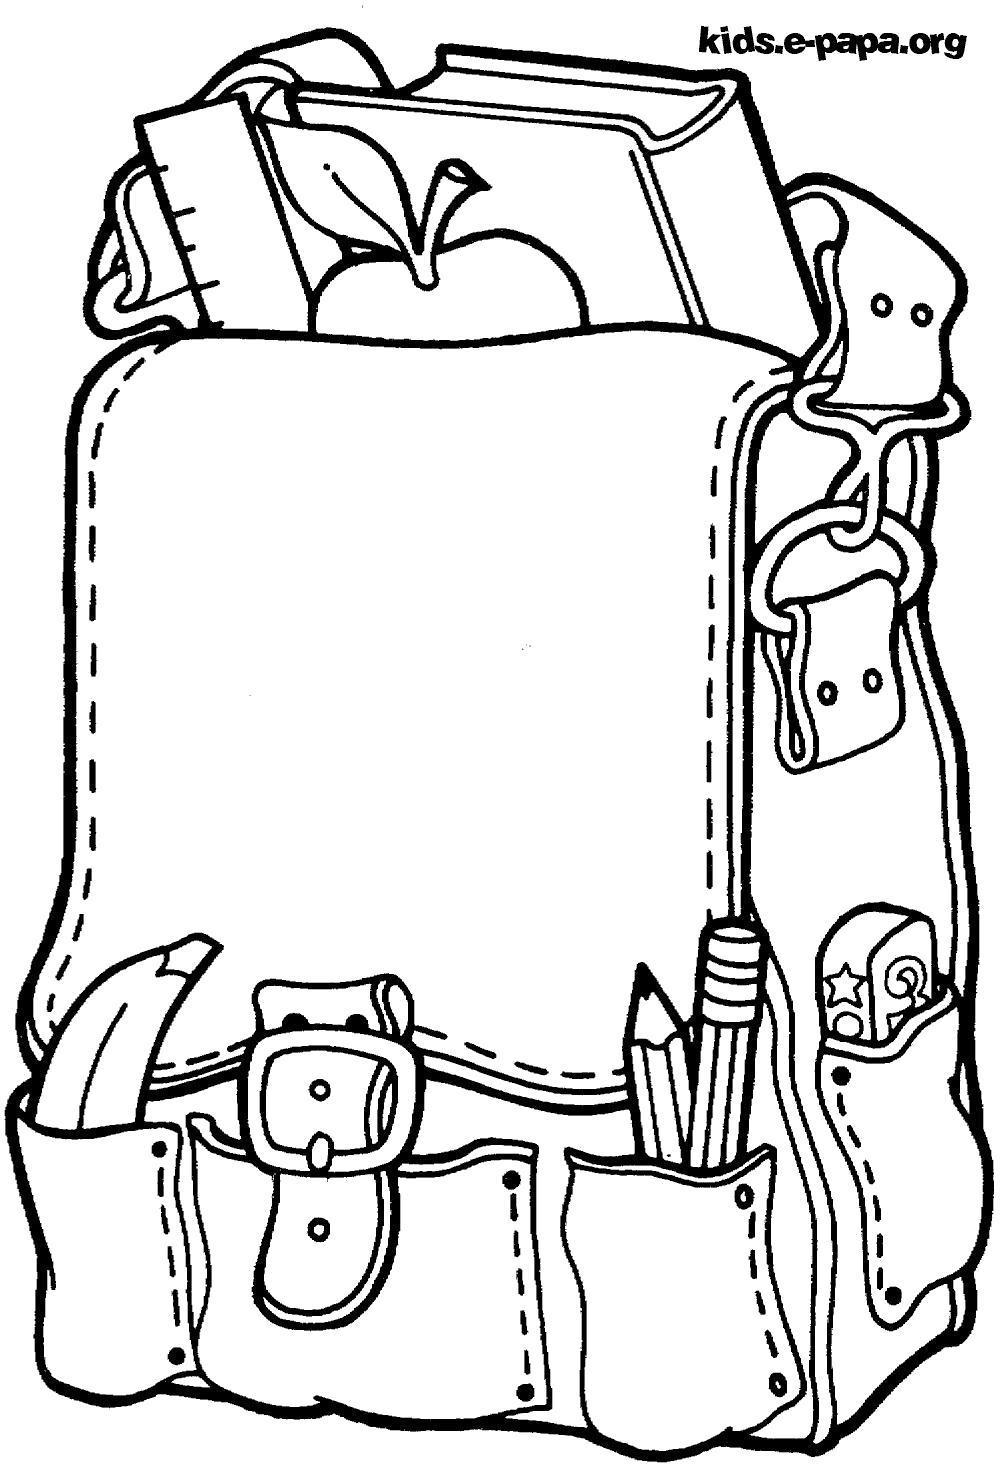 Раскраска   1 Сентября, рюкзак, портфель, школьные пренадлежности . Скачать 1 сентября.  Распечатать 1 сентября